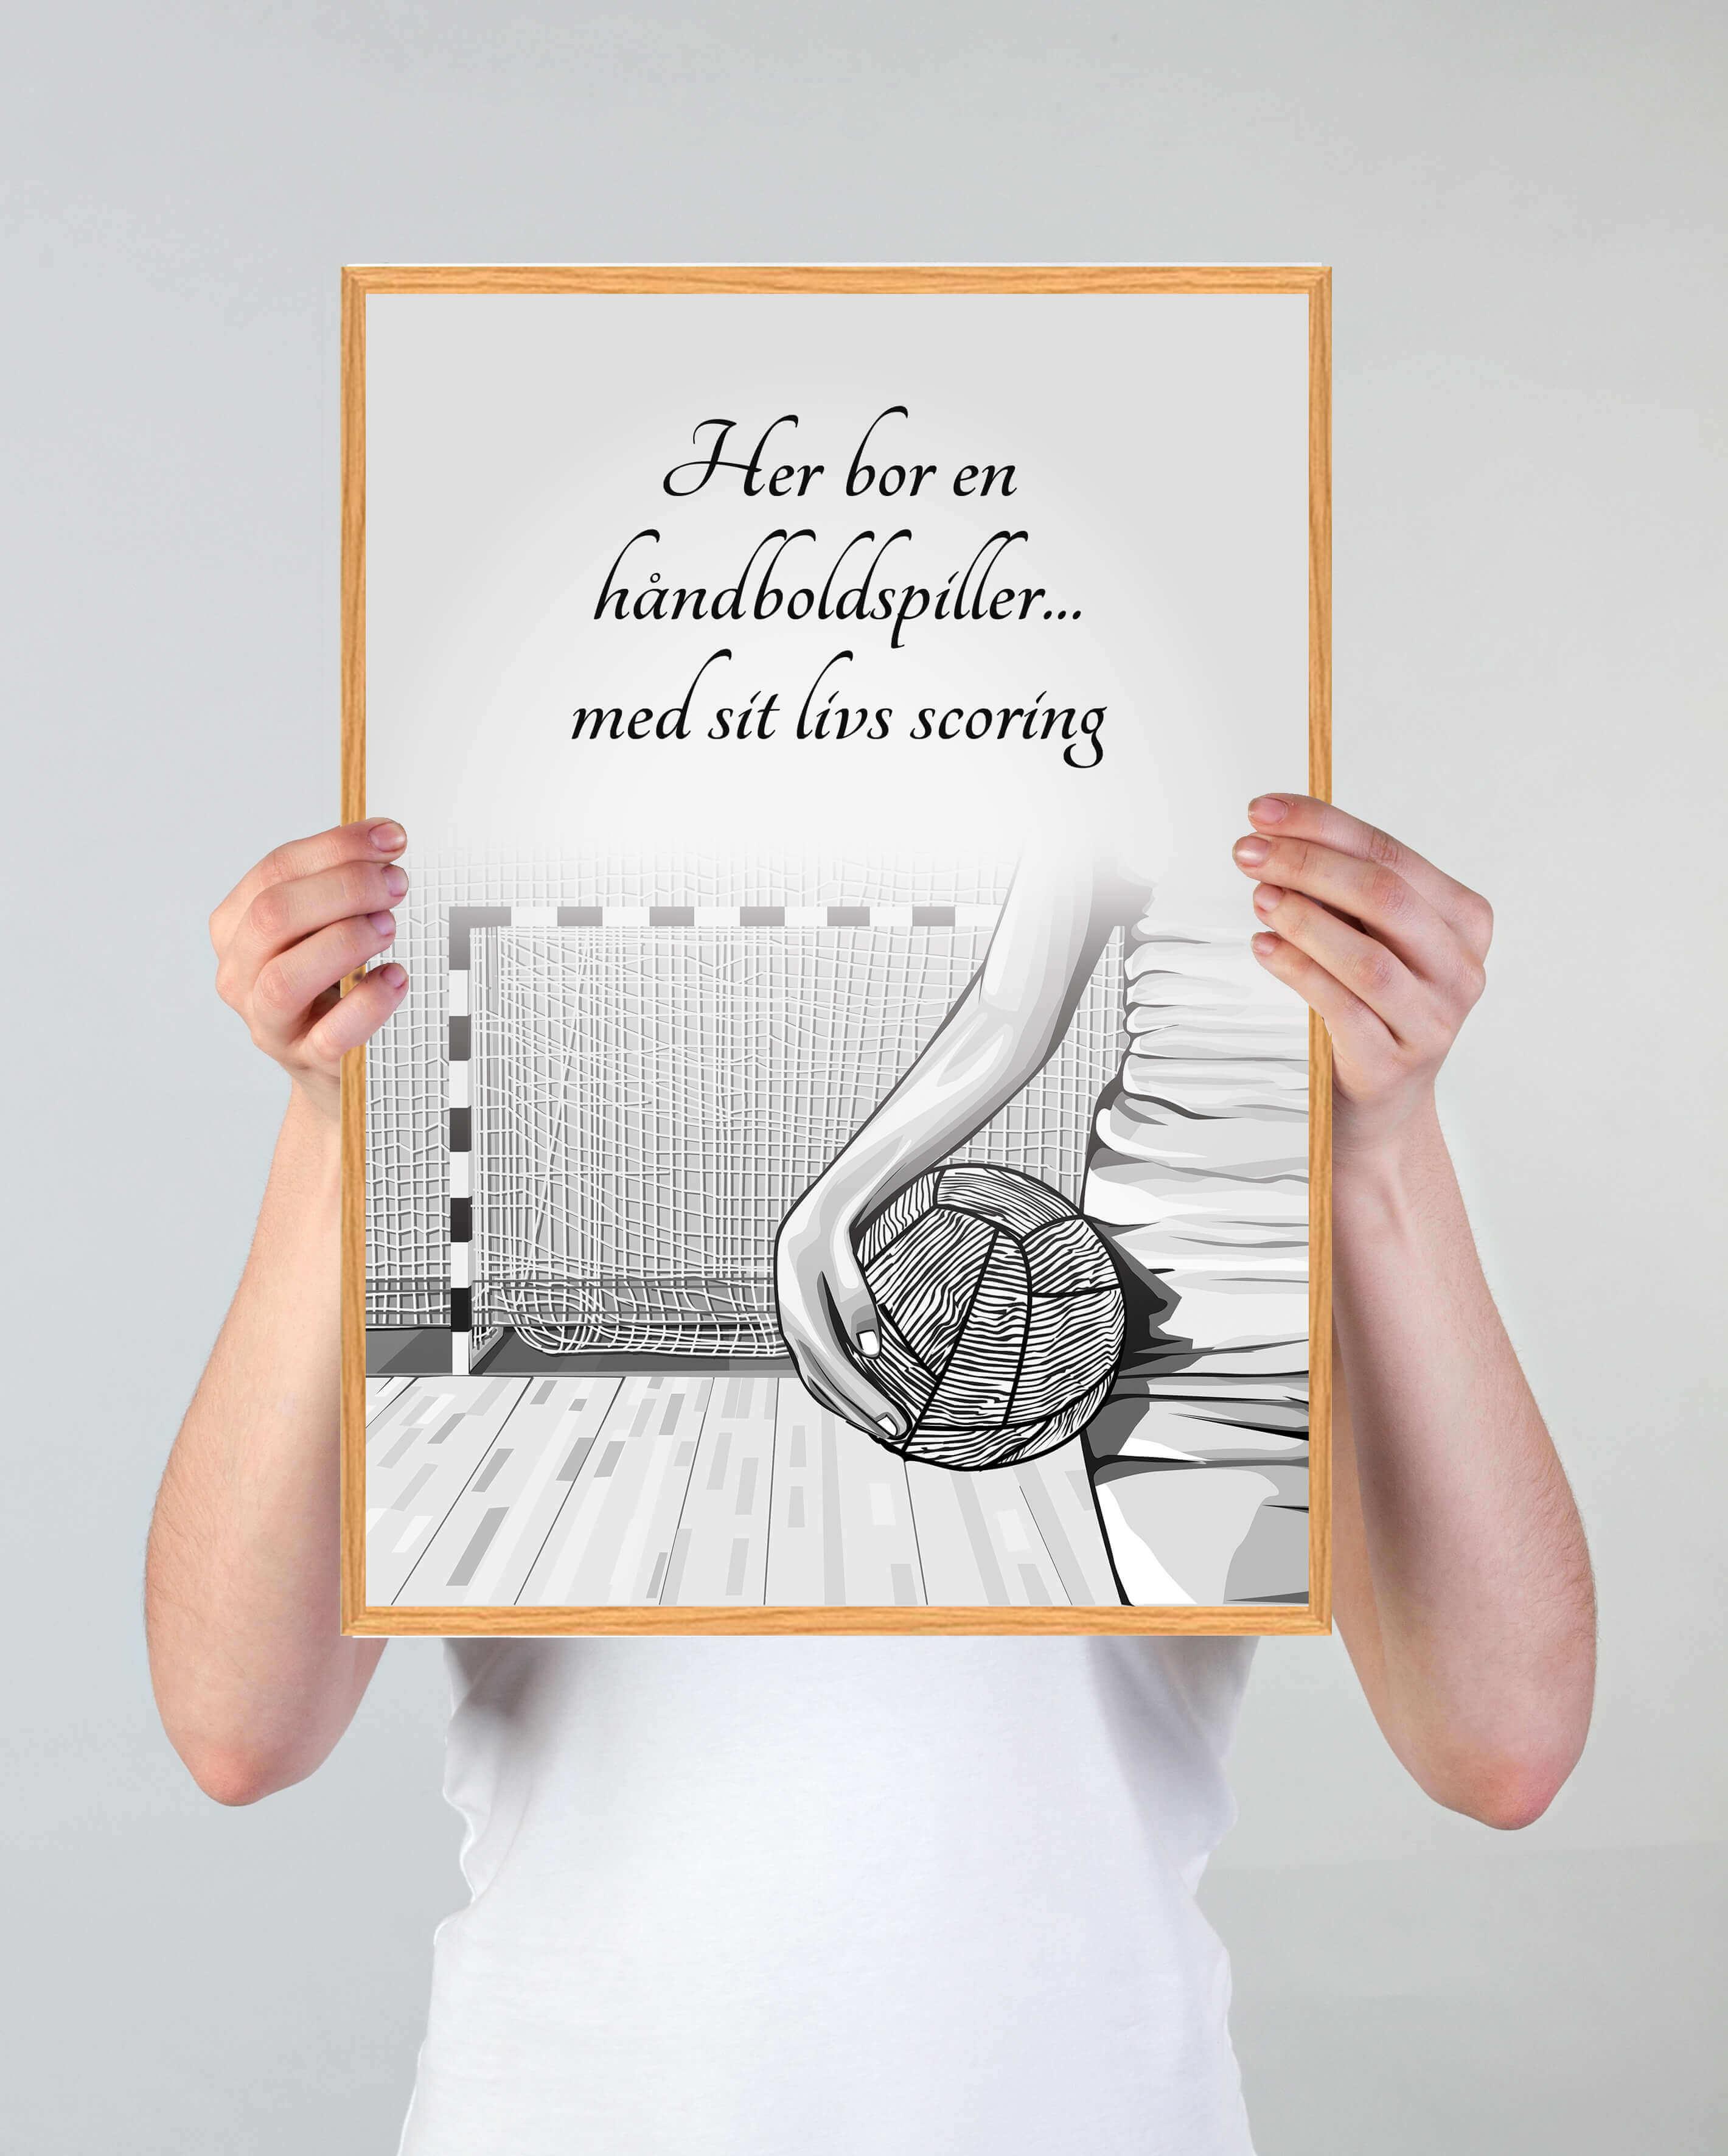 haanboldspiller-arbejde-plakat-3